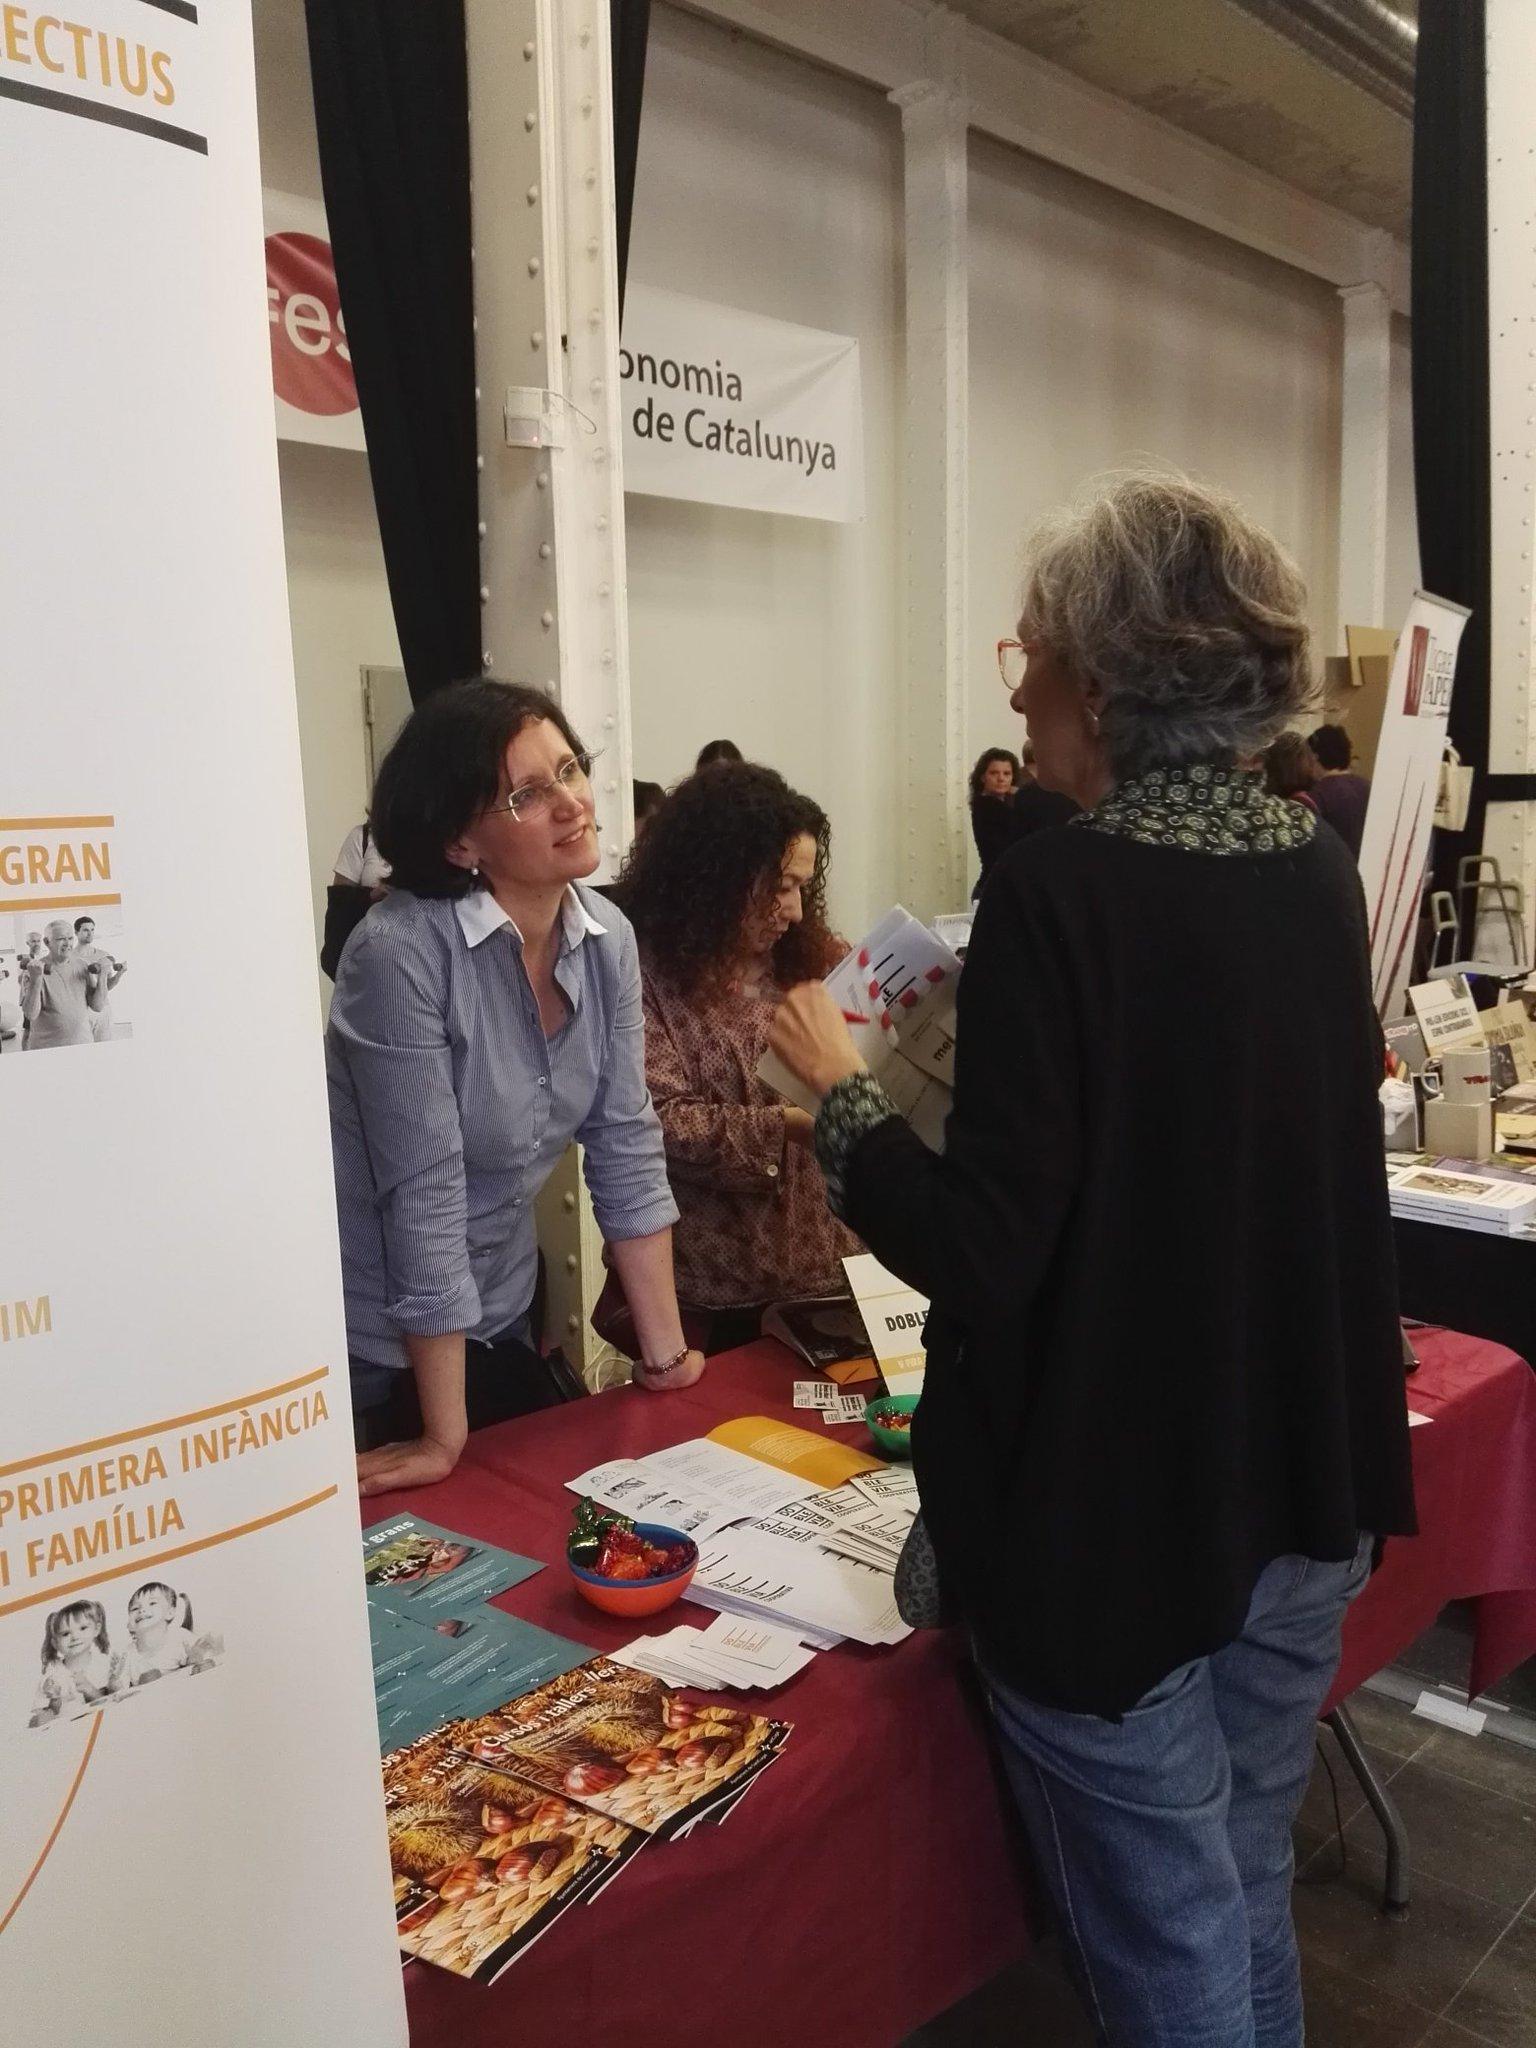 Molta gent a la #FESC2016!!! Amb la @MontseBoixadera i l'AlbaLucia @XES_cat https://t.co/ly2vpCZ4fe